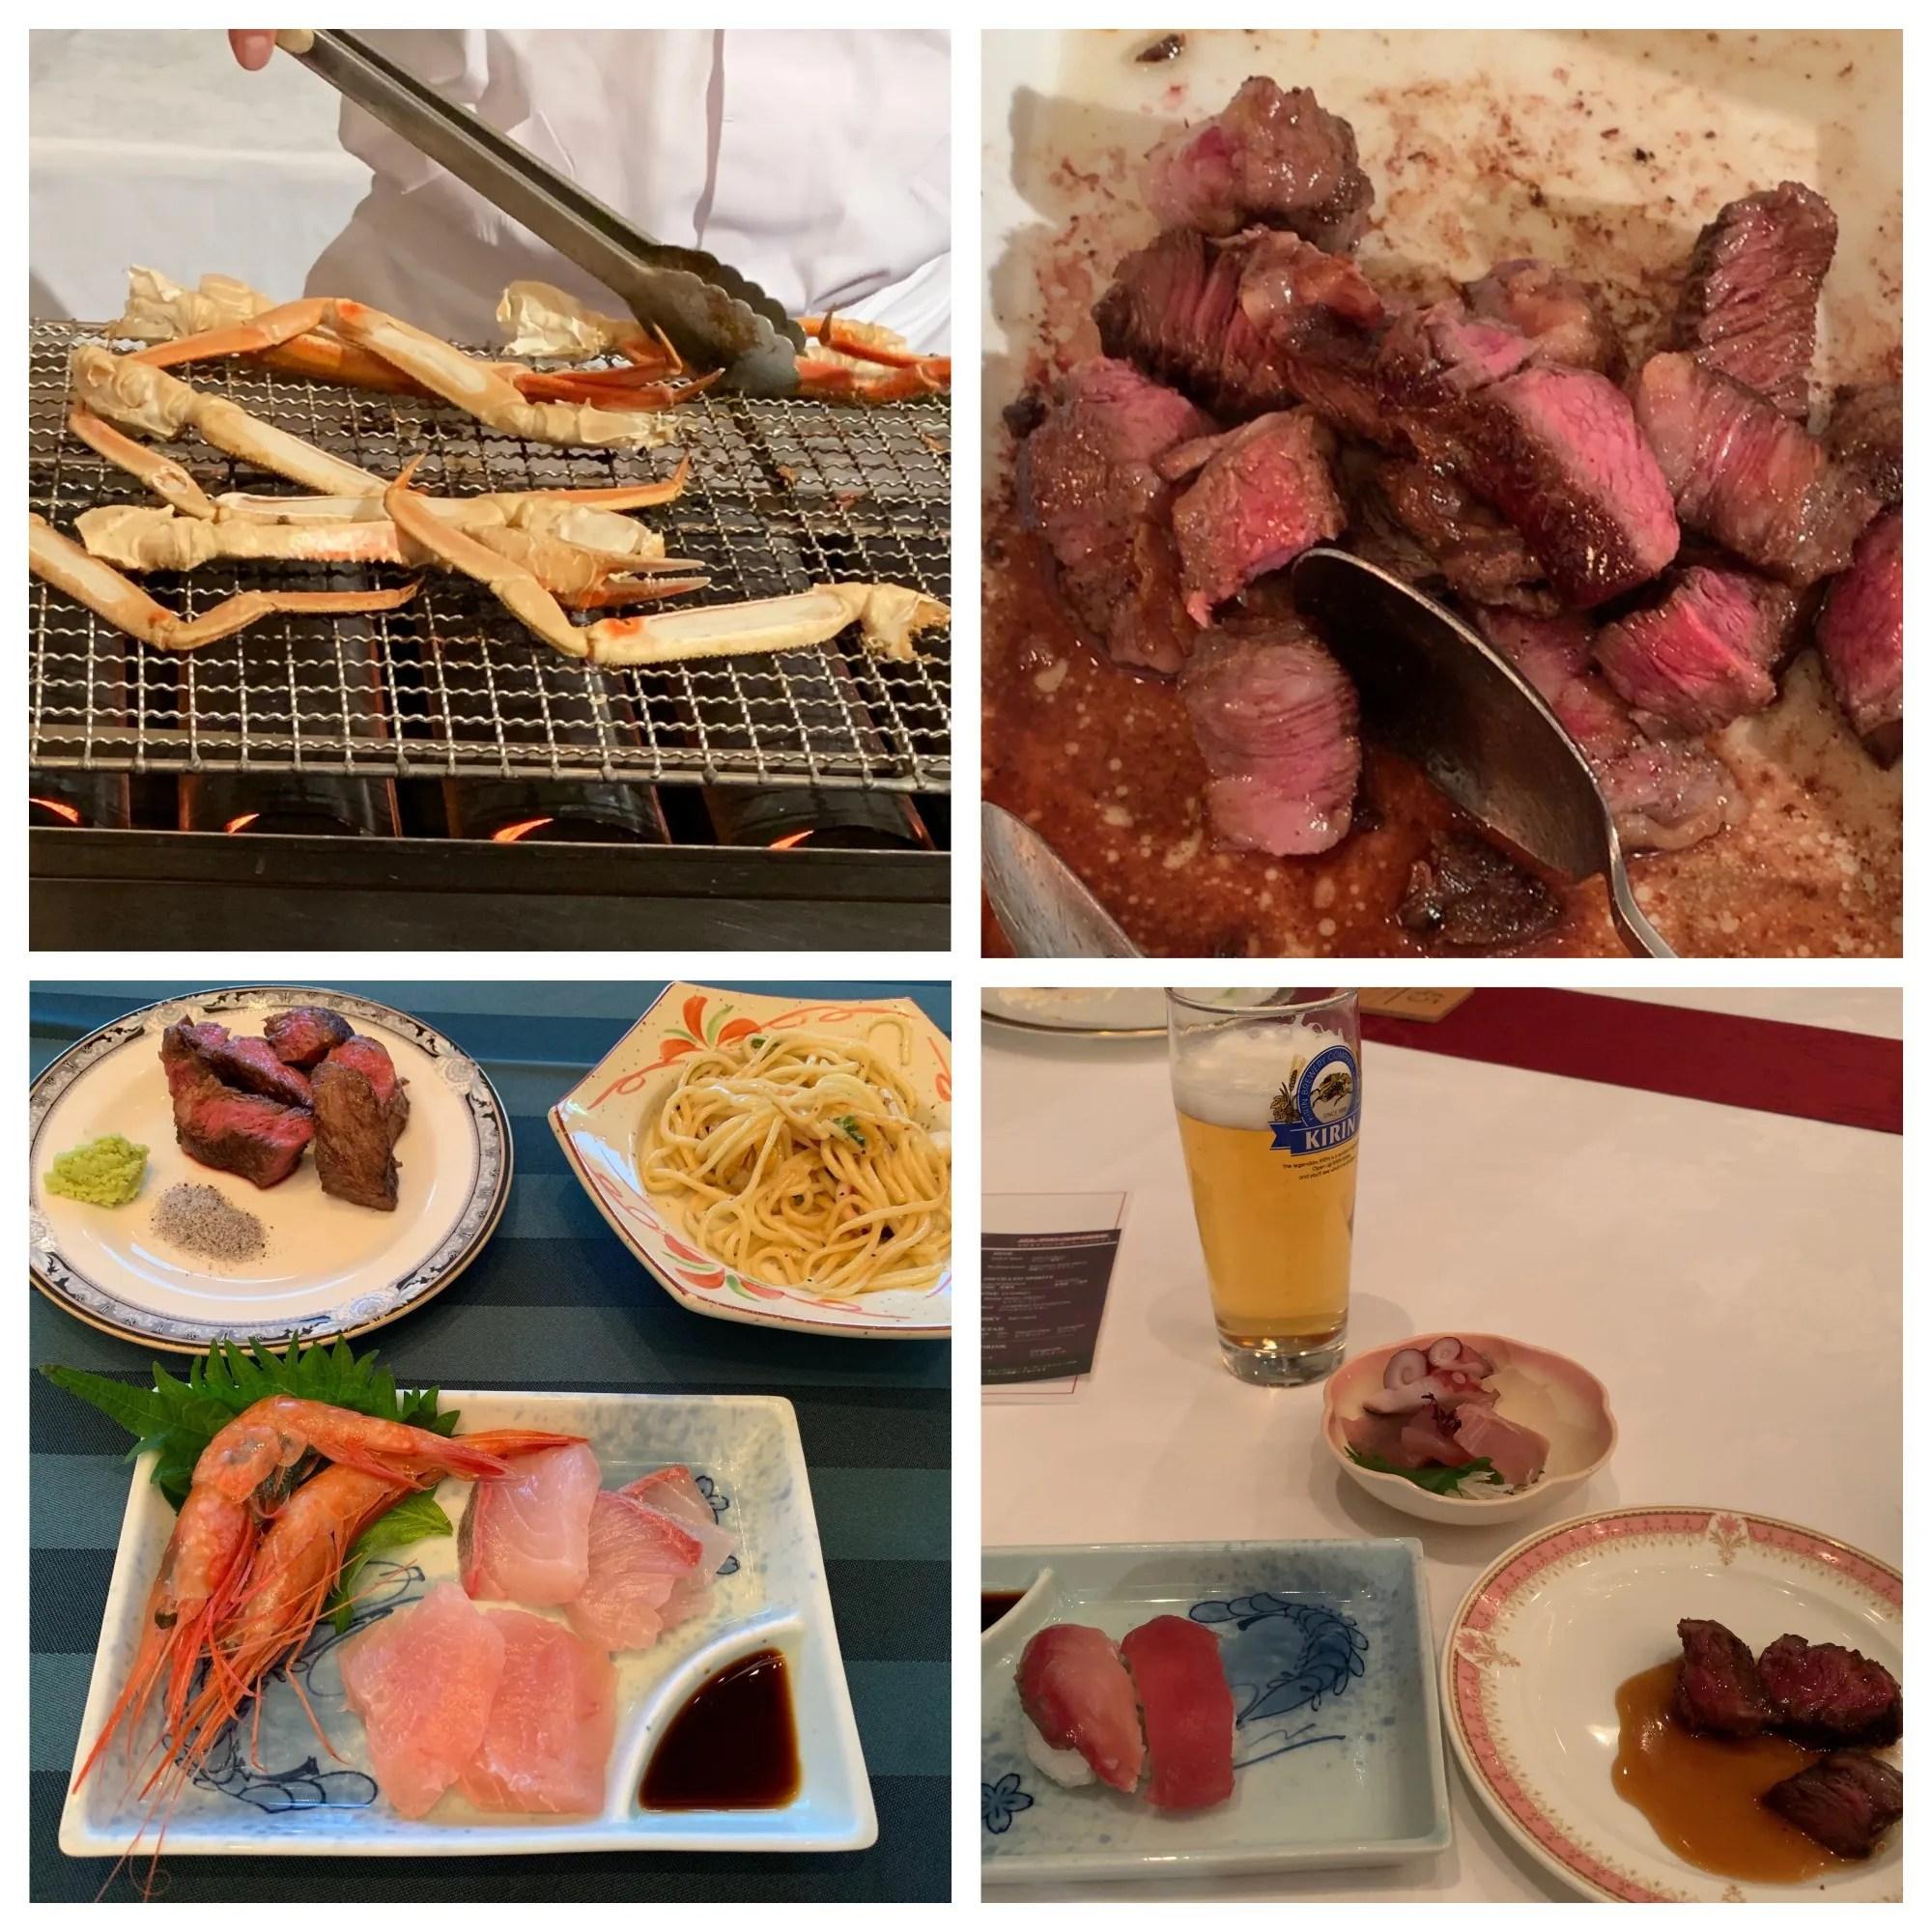 琵琶湖マリオットホテルの季節限定ブッフェはおすすめ!メニューを紹介